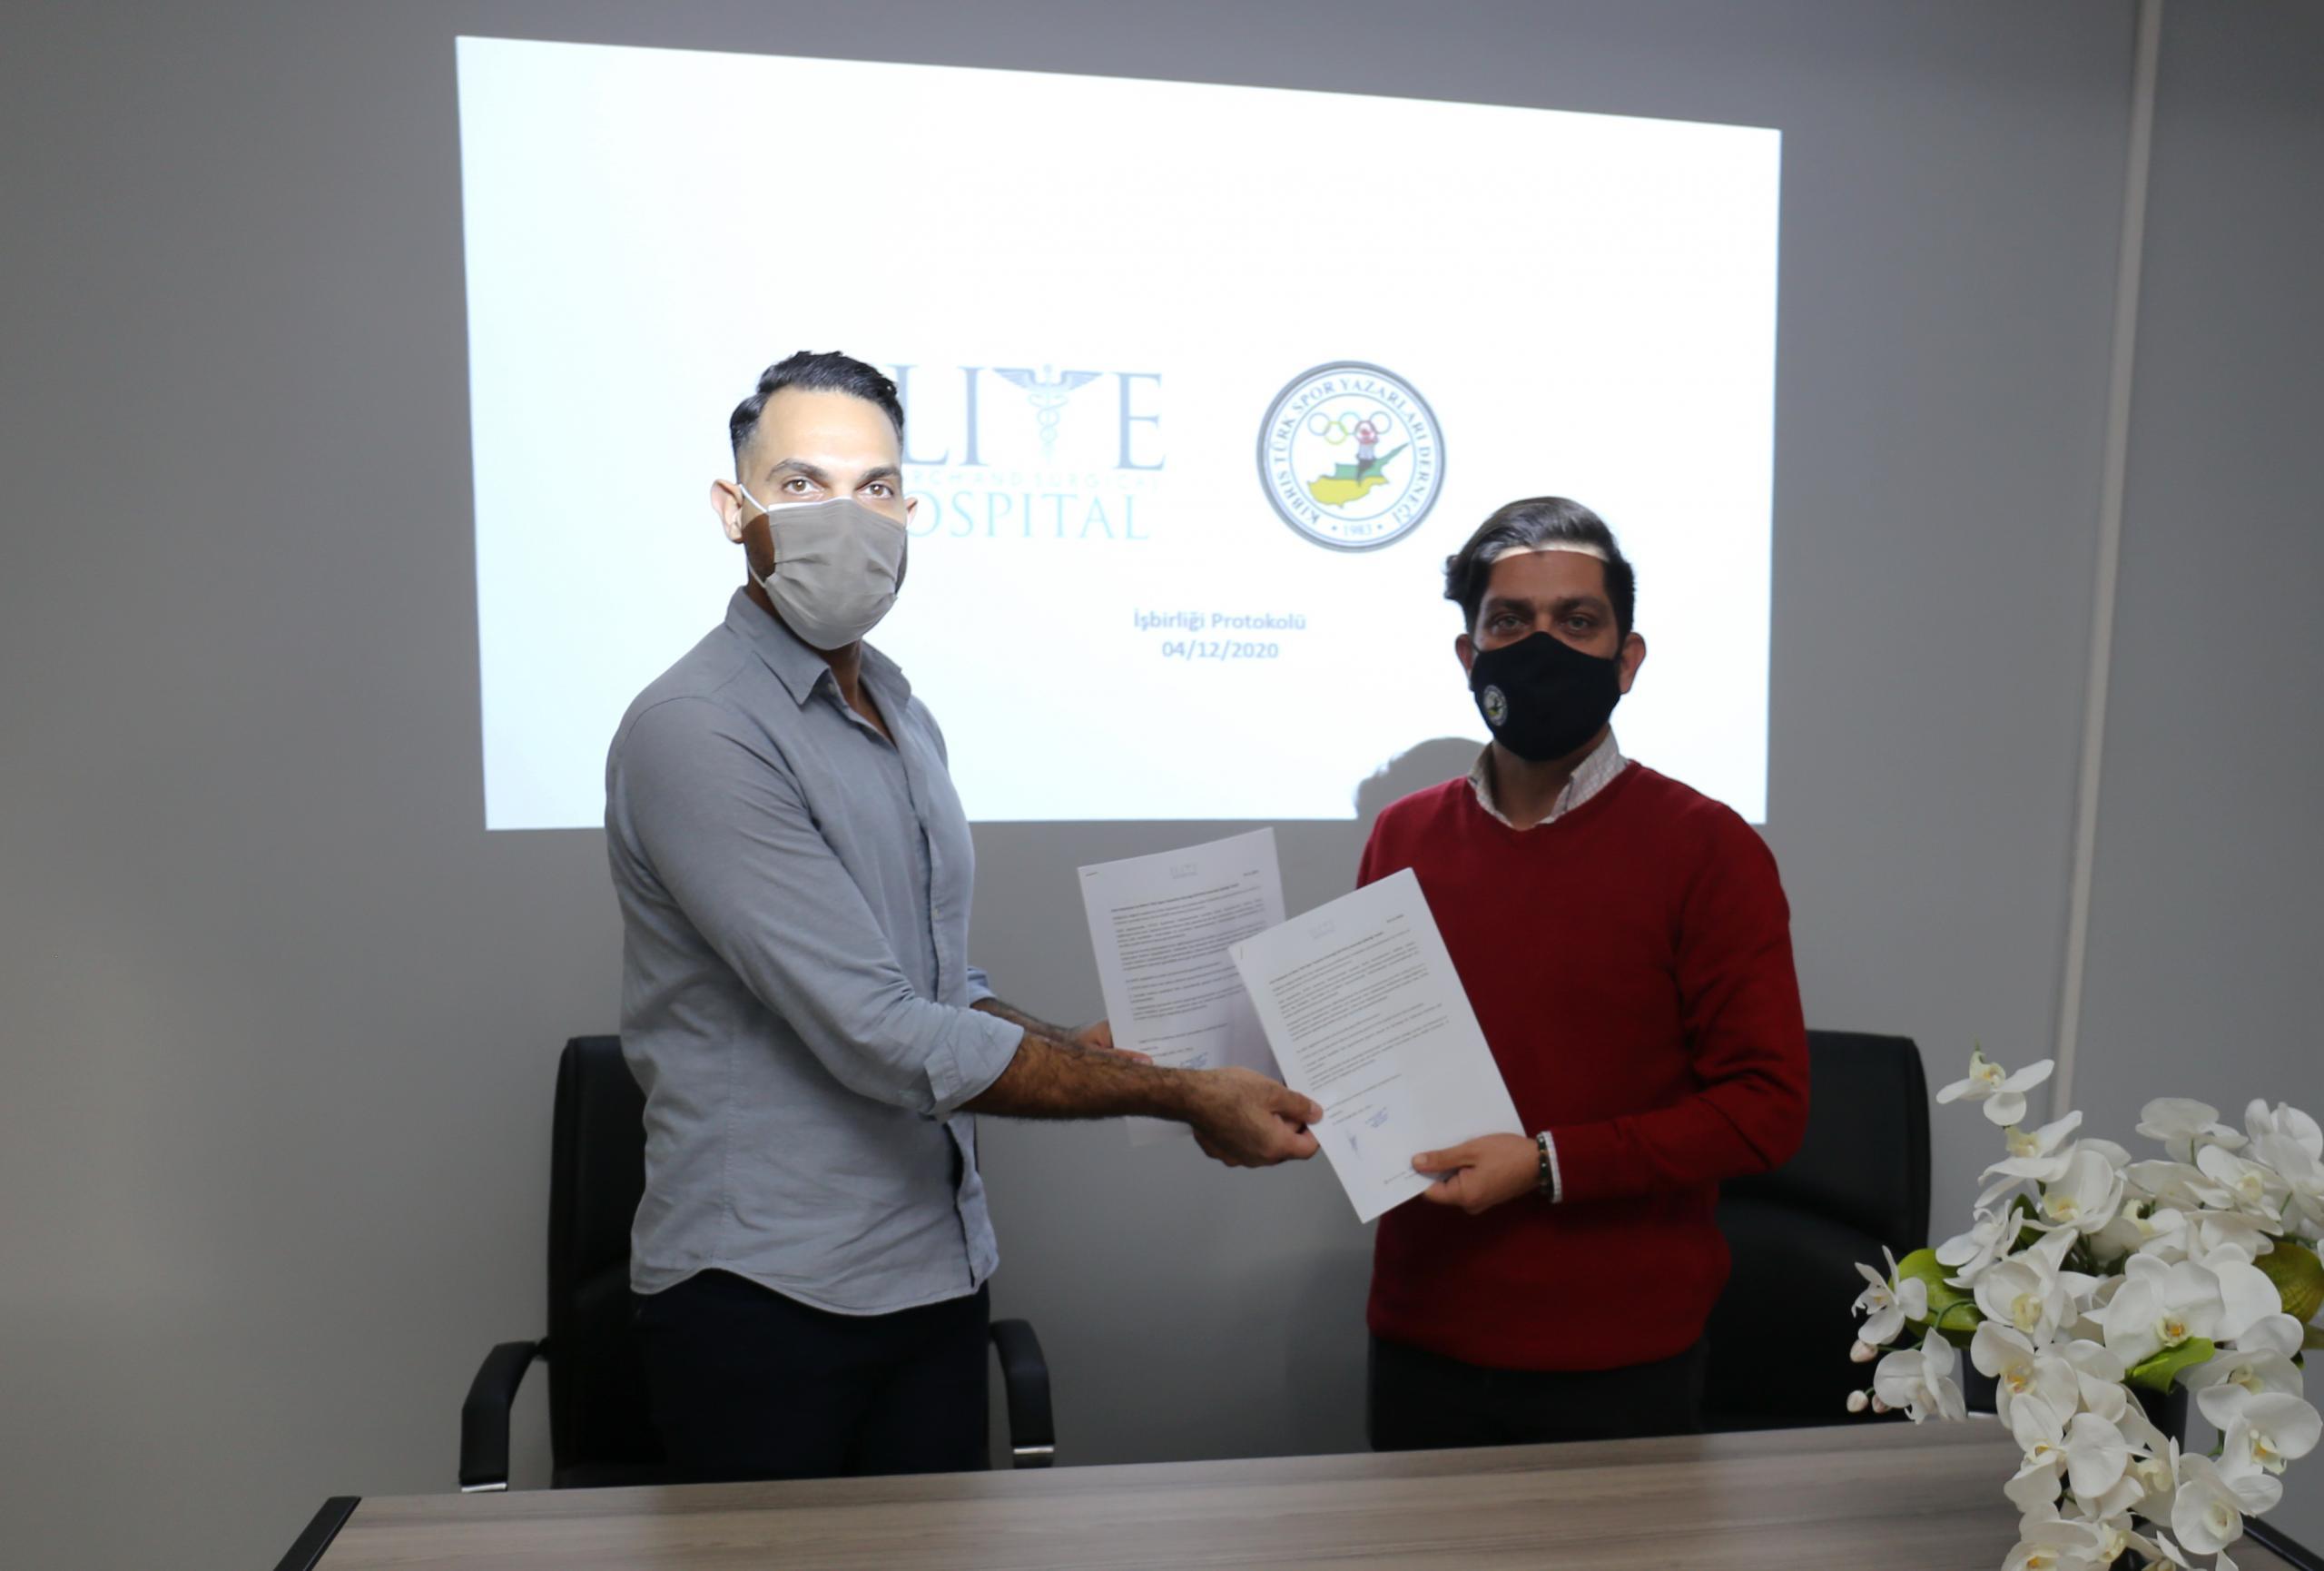 KTSYD ile Elite Hospital arasında sağlık anlaşması